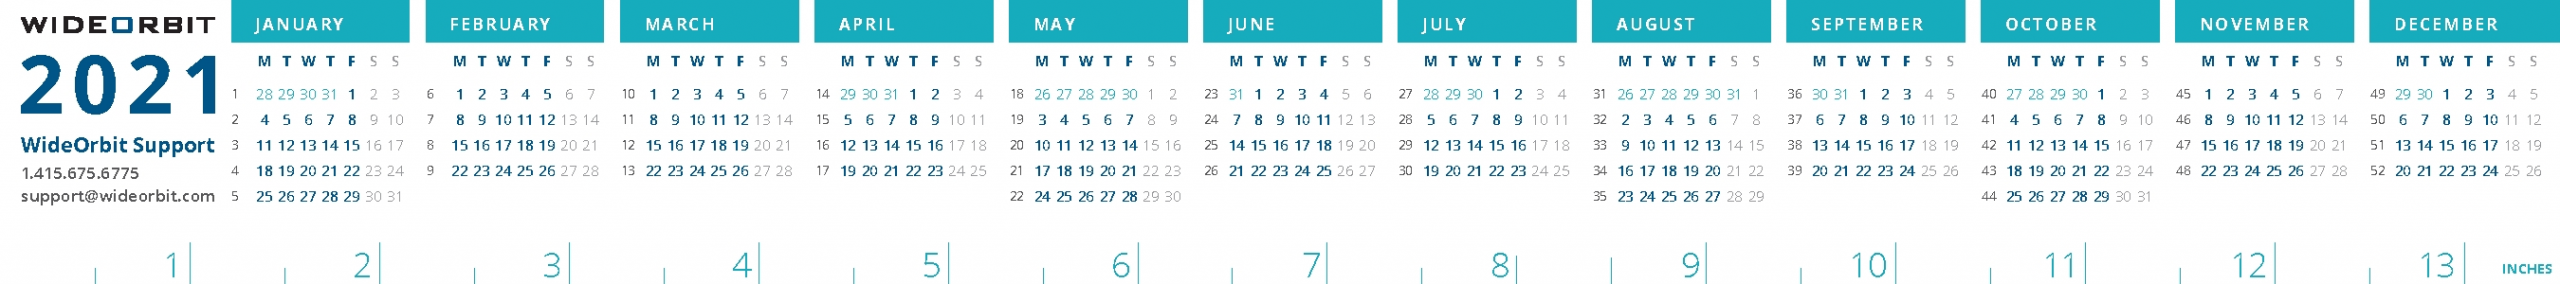 2021 Wideorbit Broadcast Calendar Strip